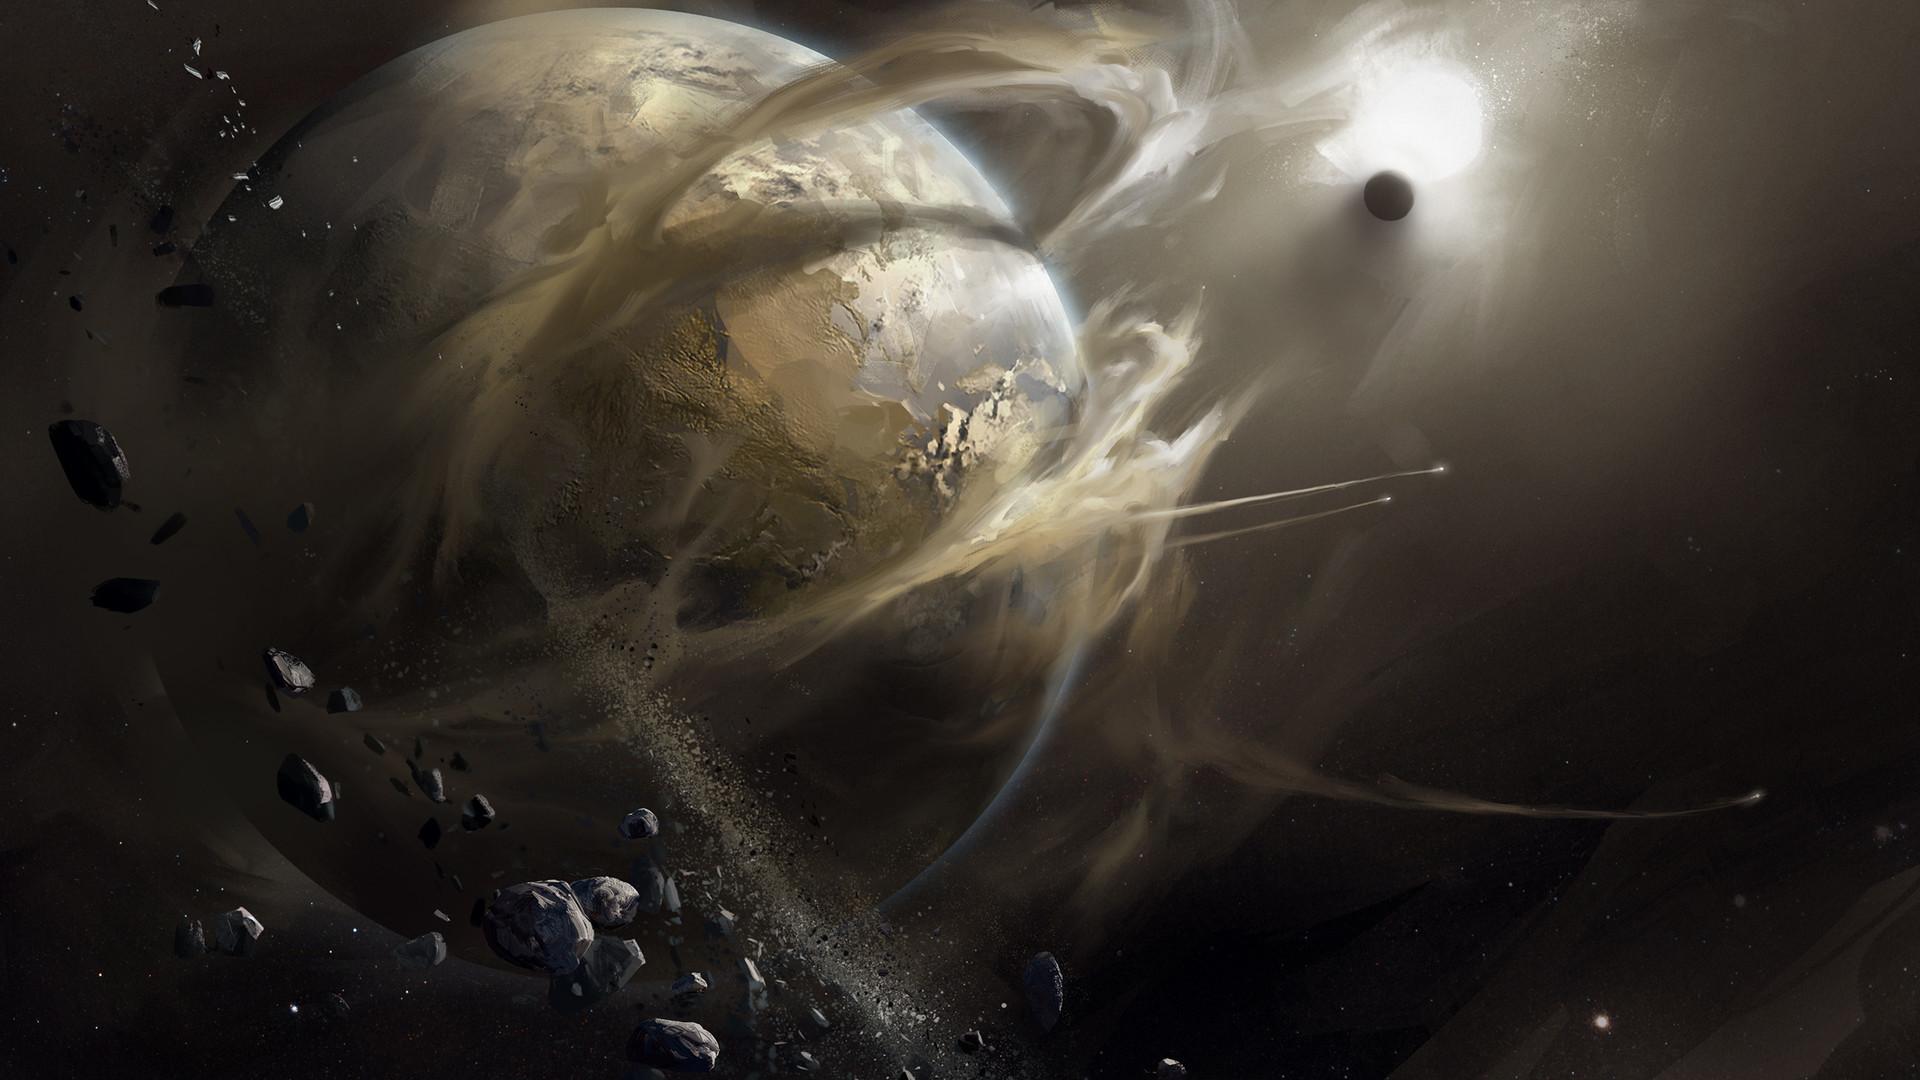 Картинка: Планеты, космос, пыль, звезда, камни, арт